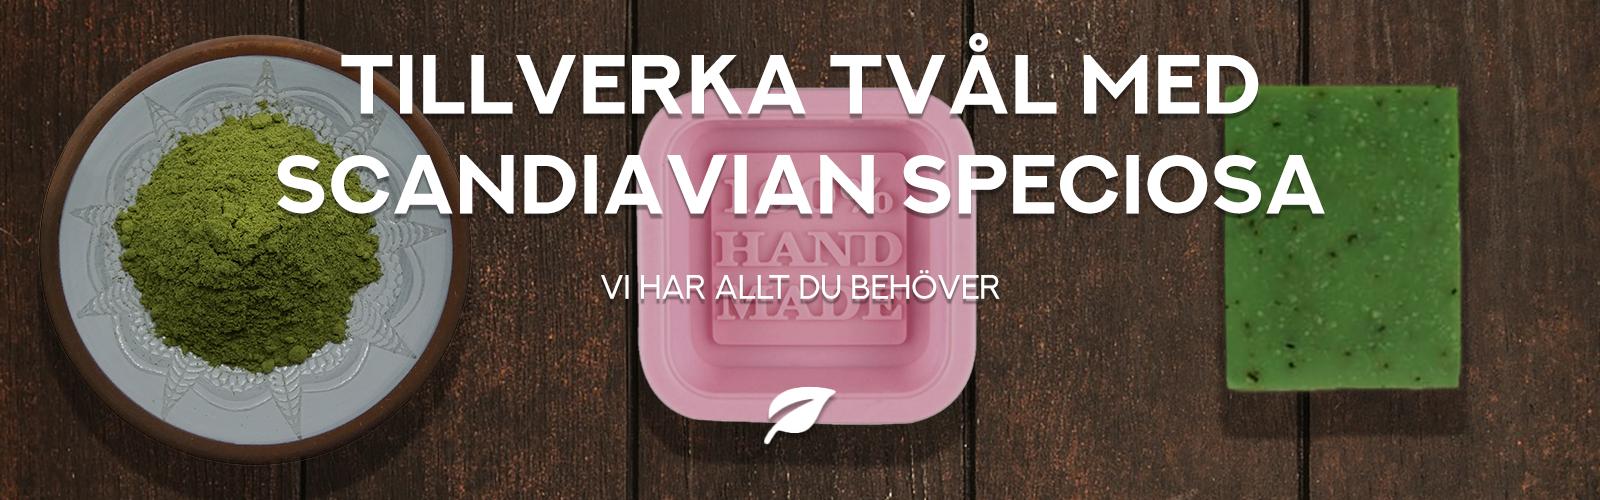 TVÅL & TILLBEHÖR